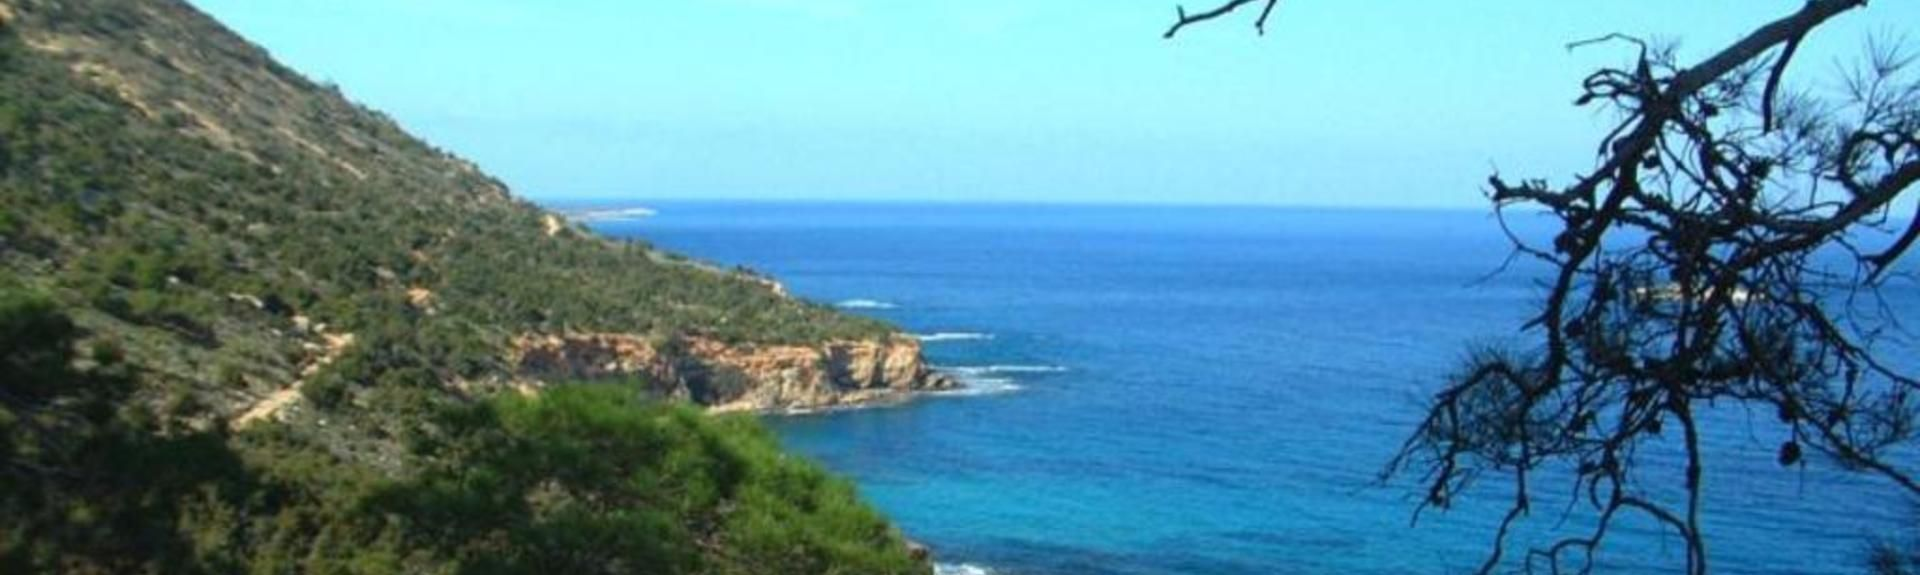 Liopetri, Zypern